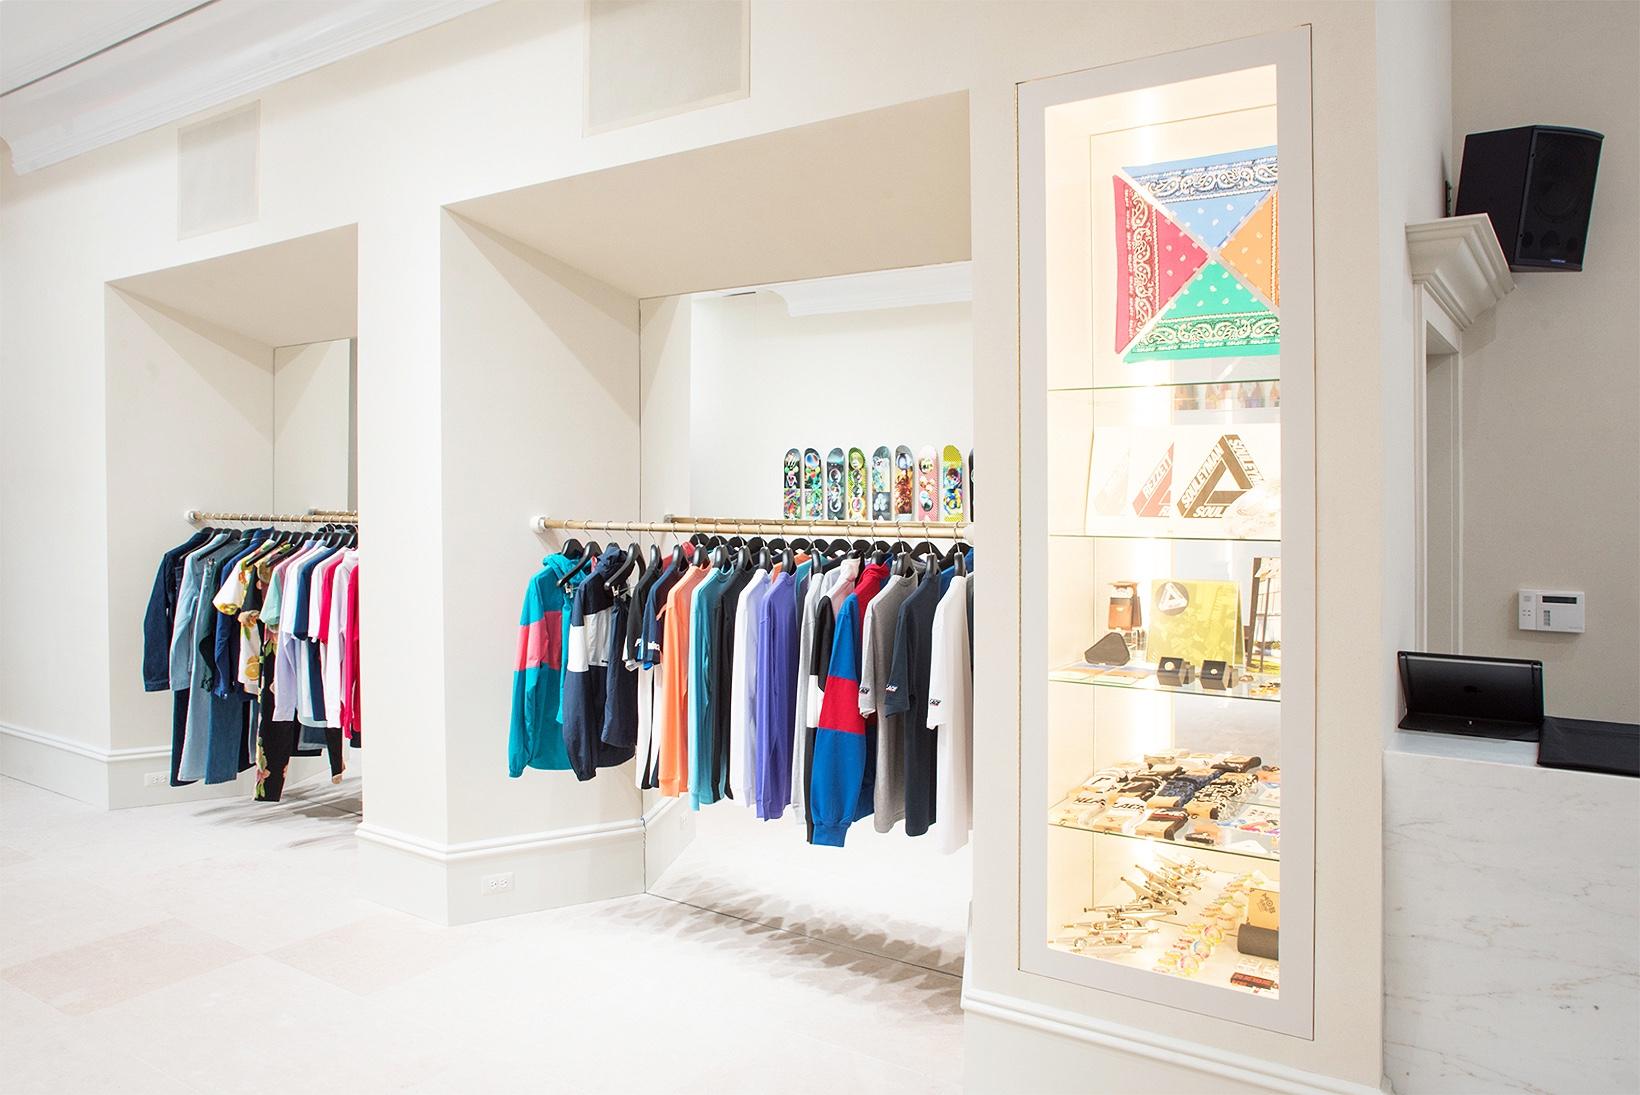 Jetez un œil à la nouvelle boutique new yorkaise signée Palace